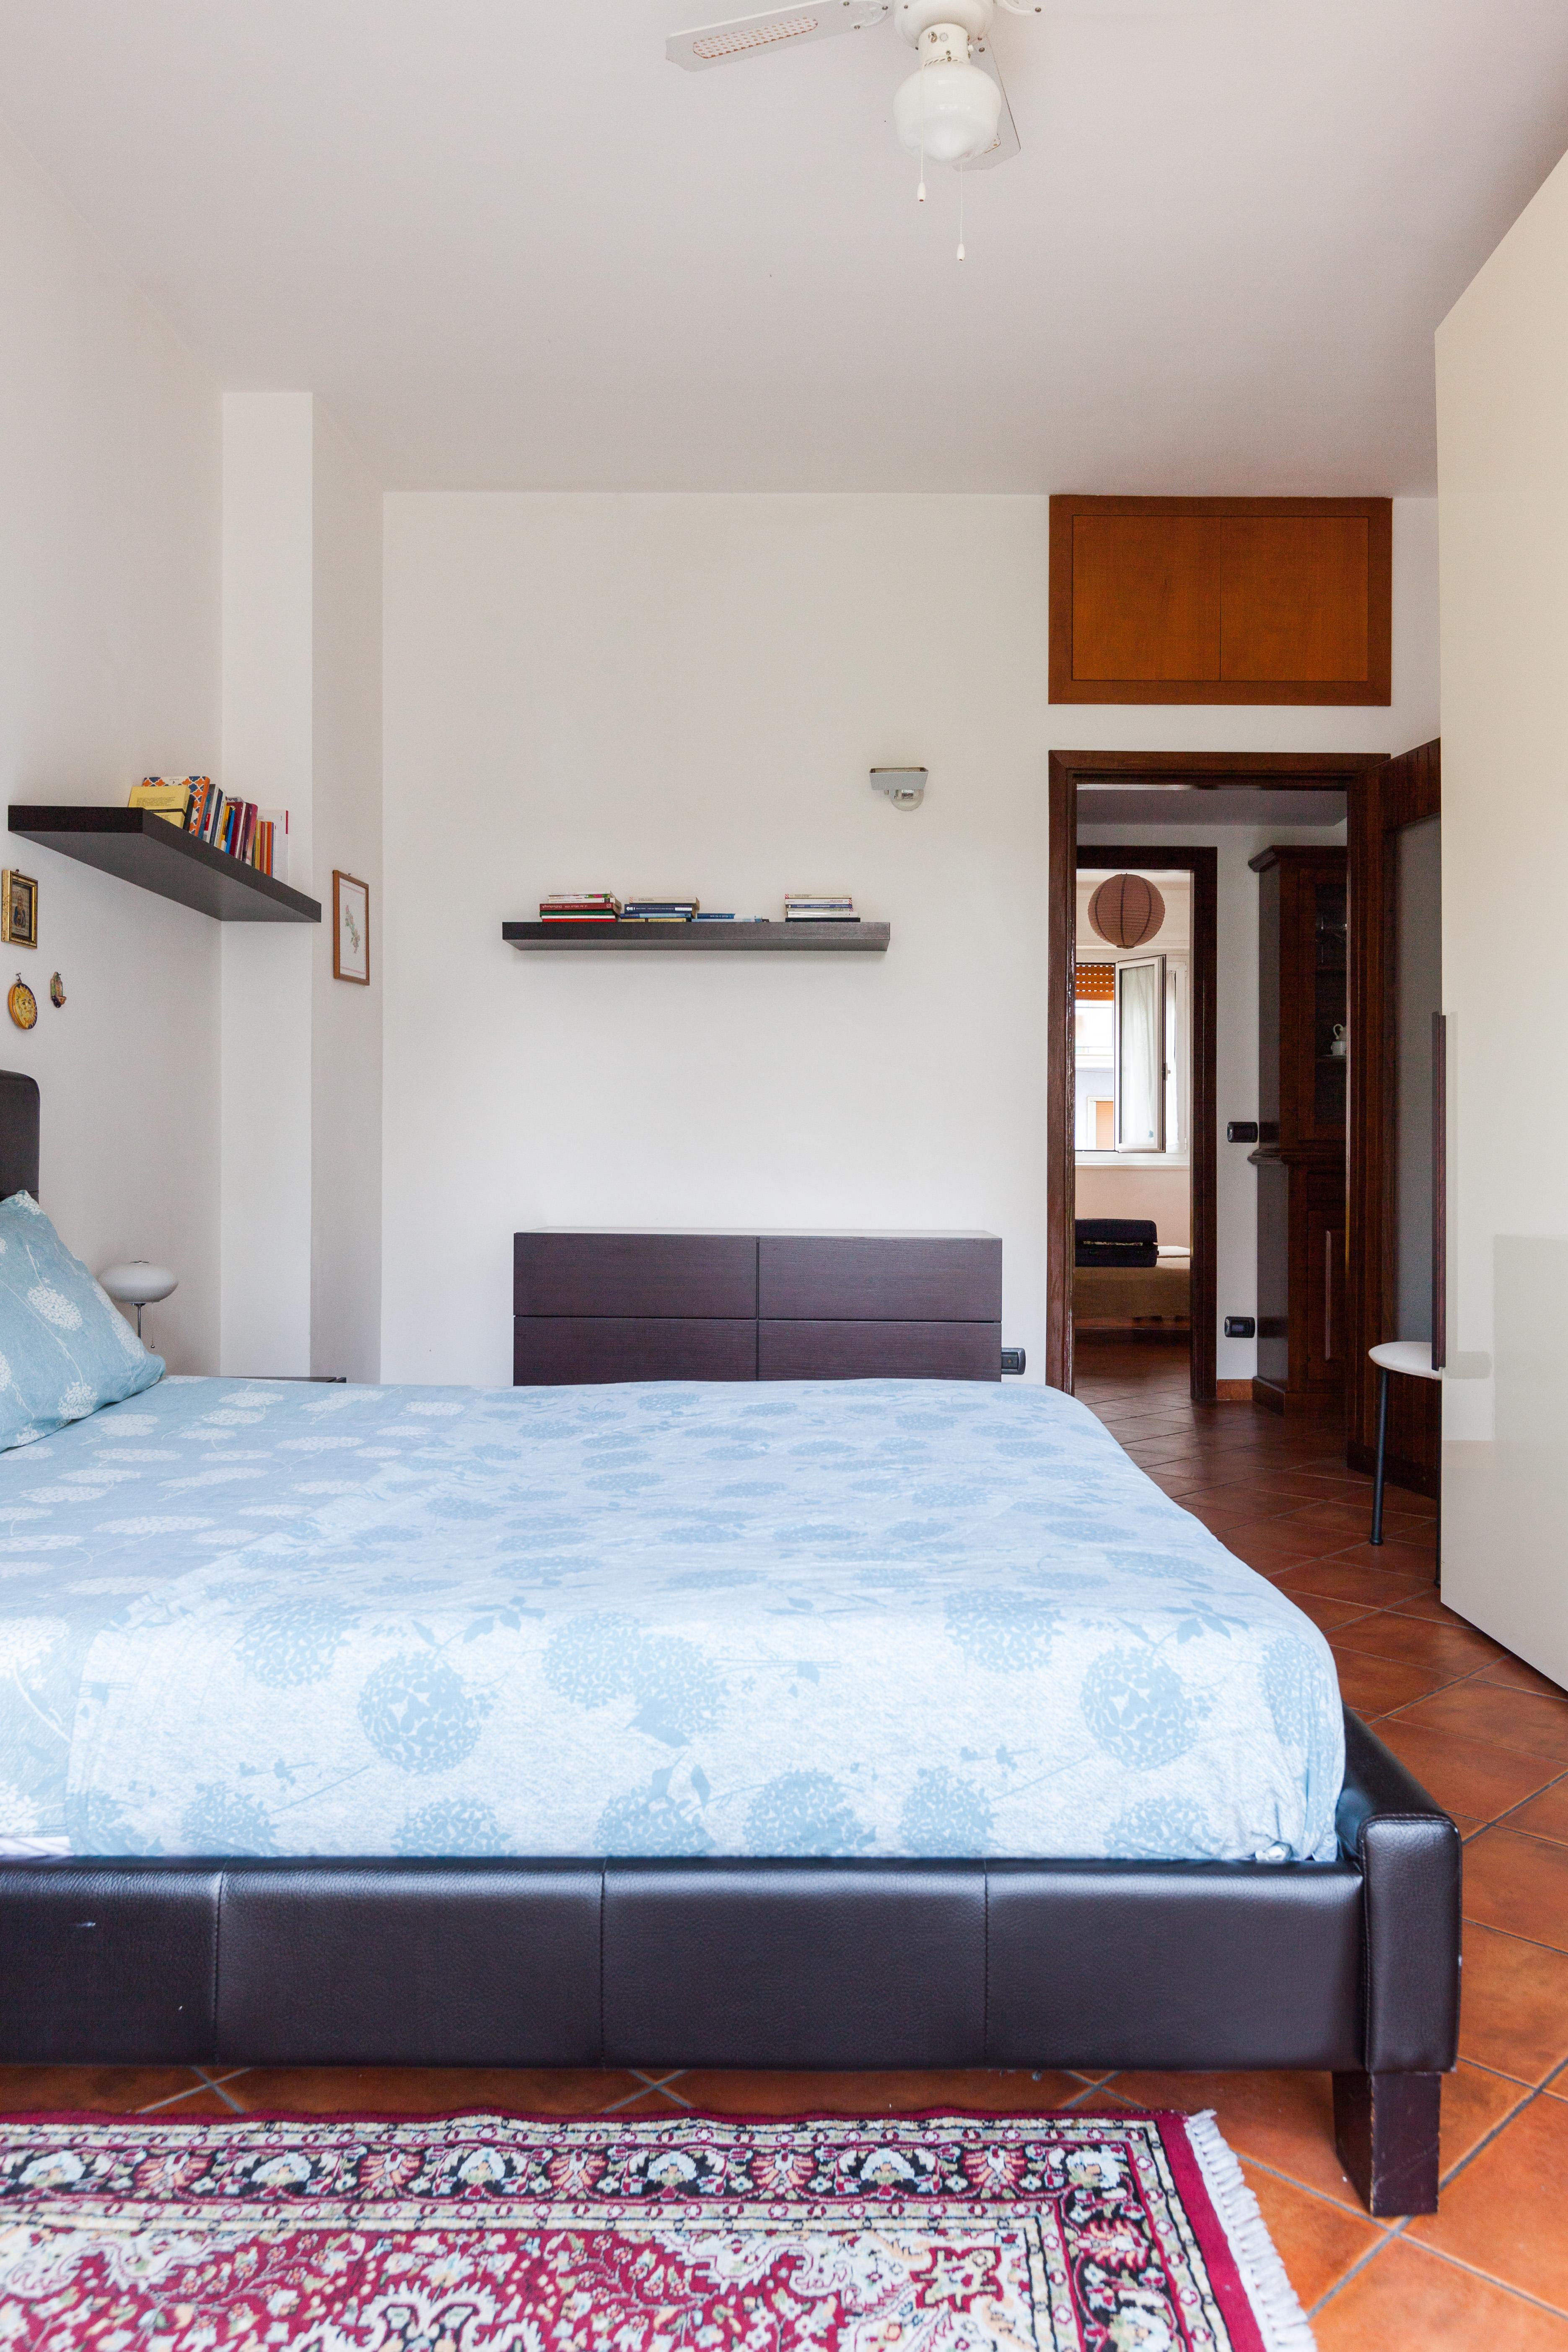 Camere Da Letto Lodi large and comfortable family apartment - c.so lodi